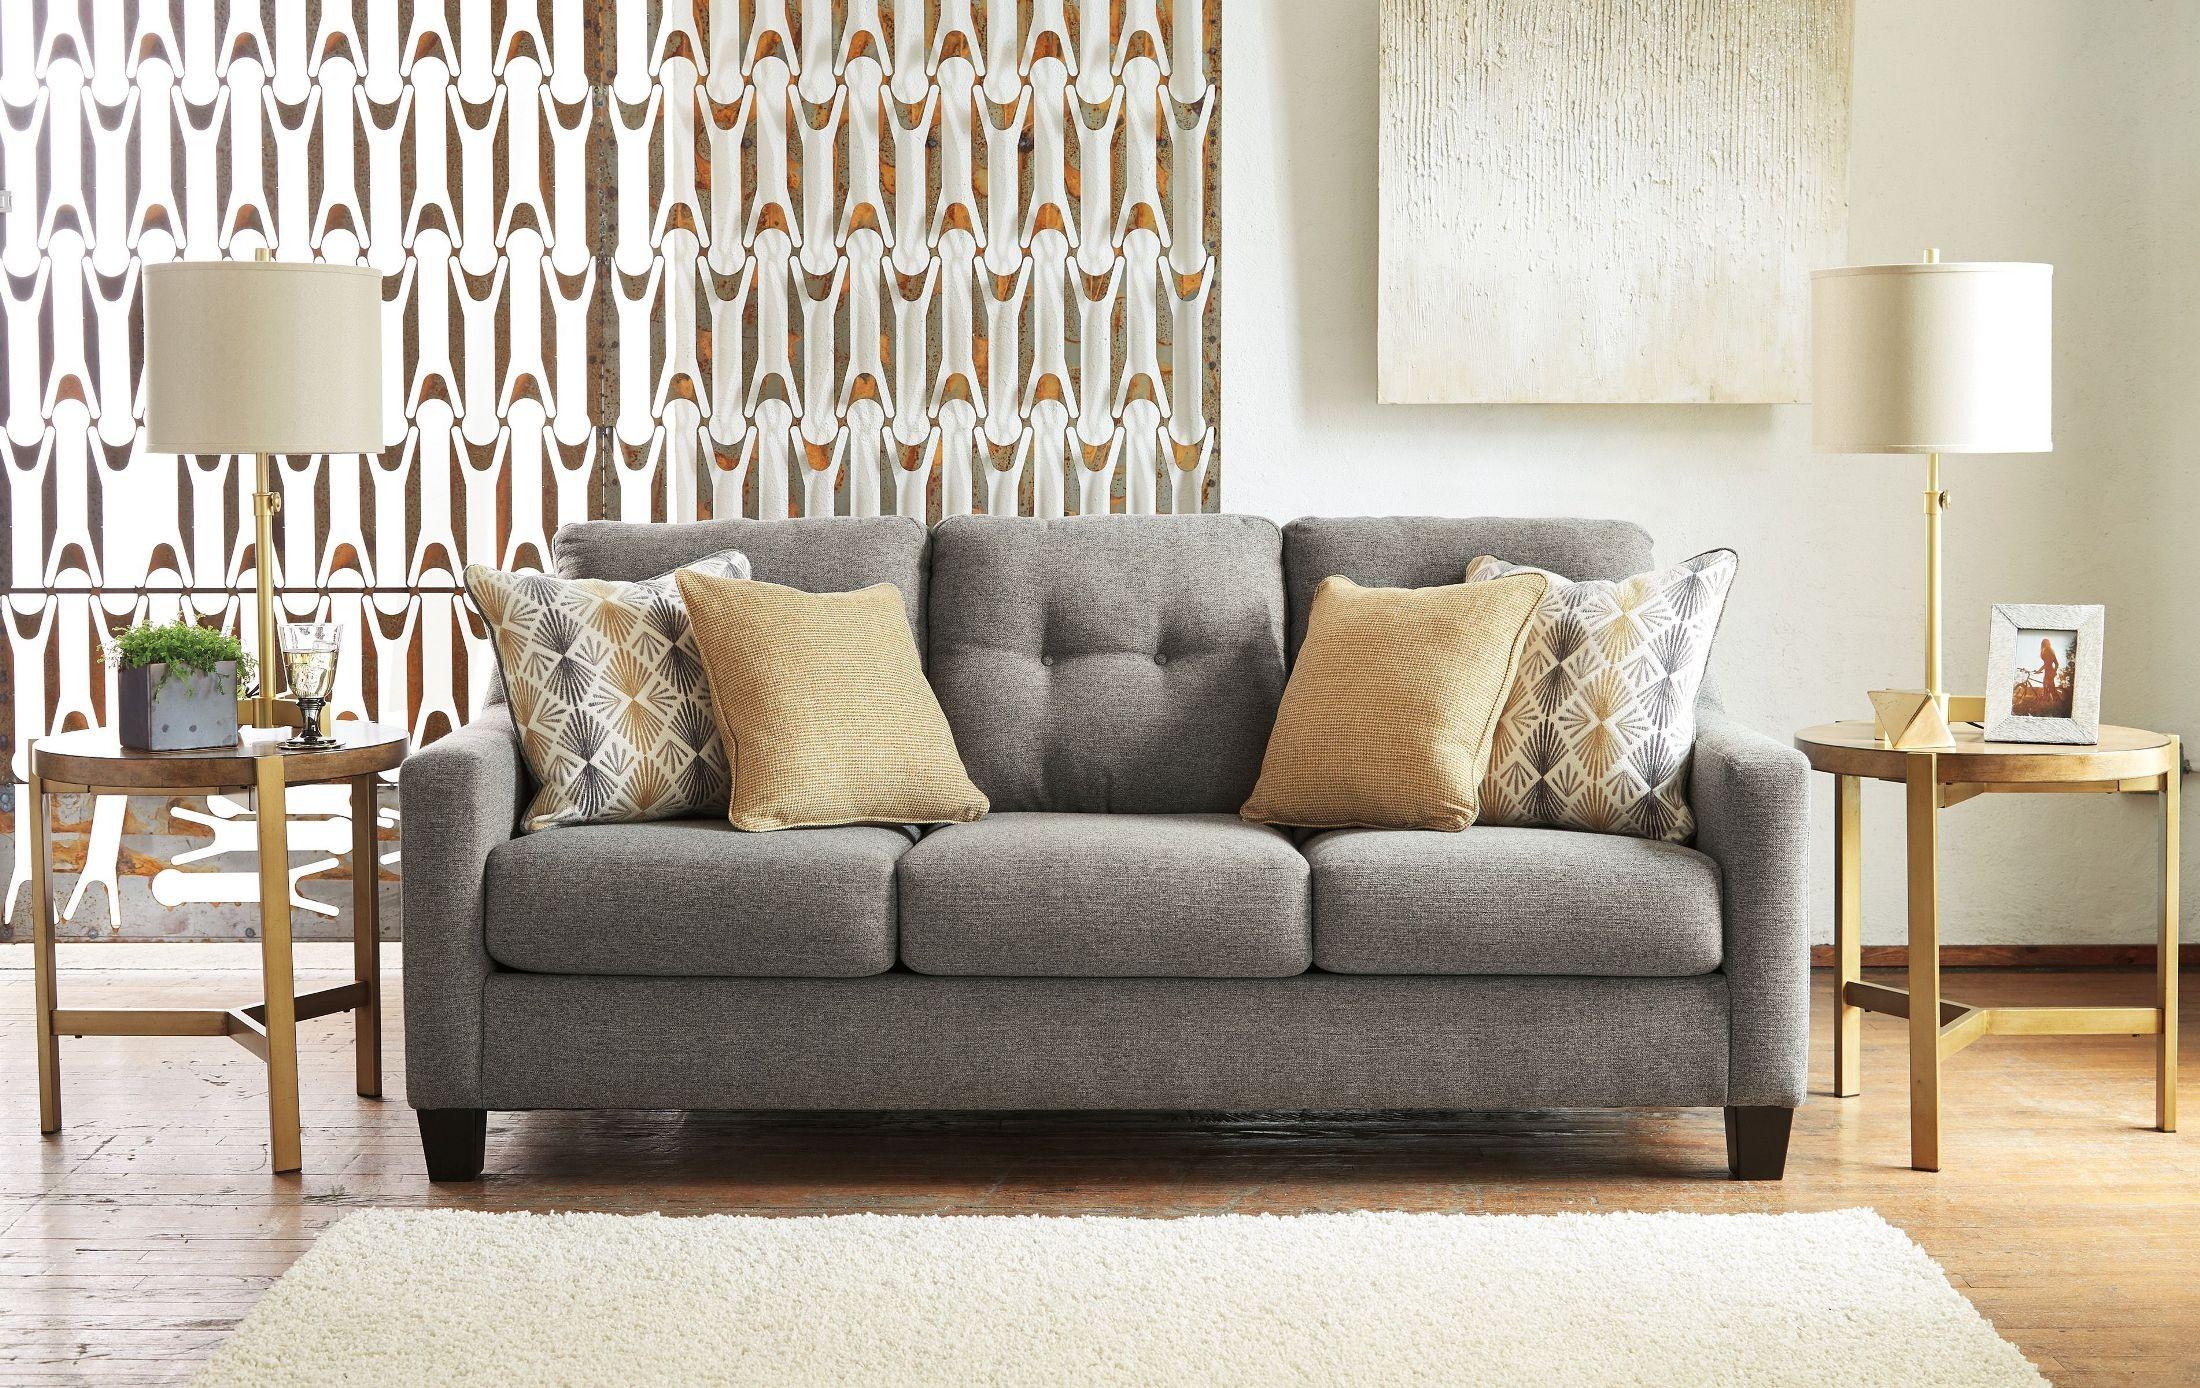 Lovely Graphite Sofa #16 - Daylon Graphite Sofa